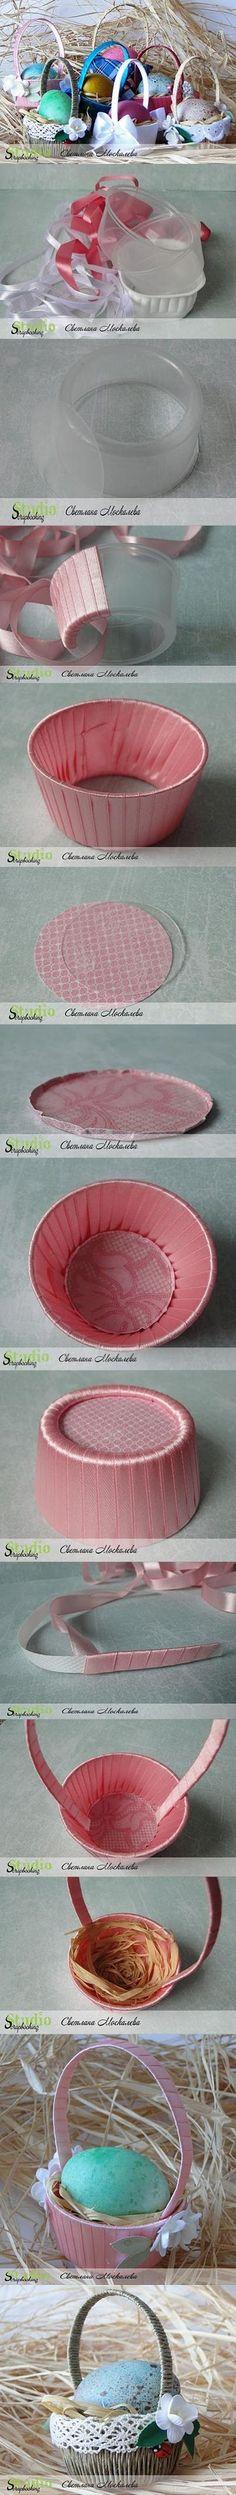 DIY Easter Basket : DIY Easter Basket with Disposable Plastic Bowl